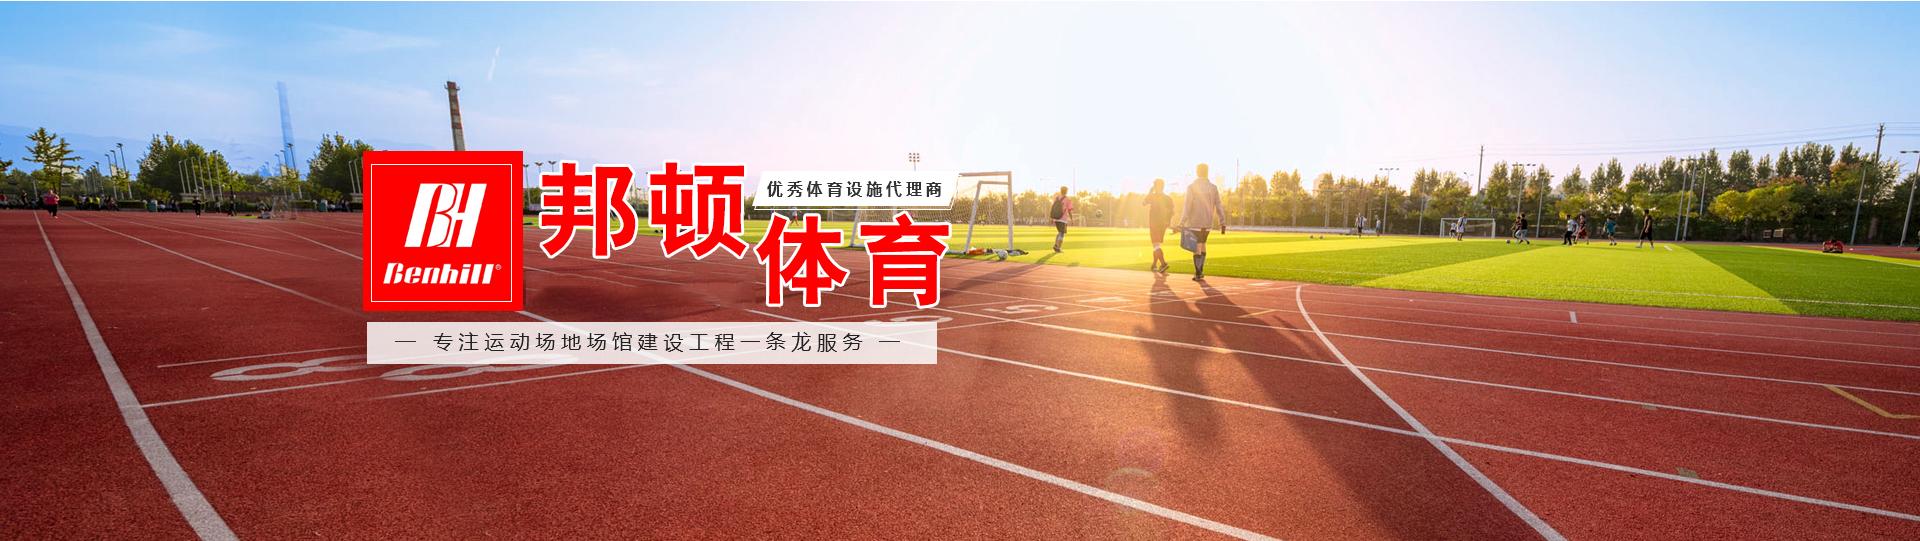 广西塑胶跑道工程